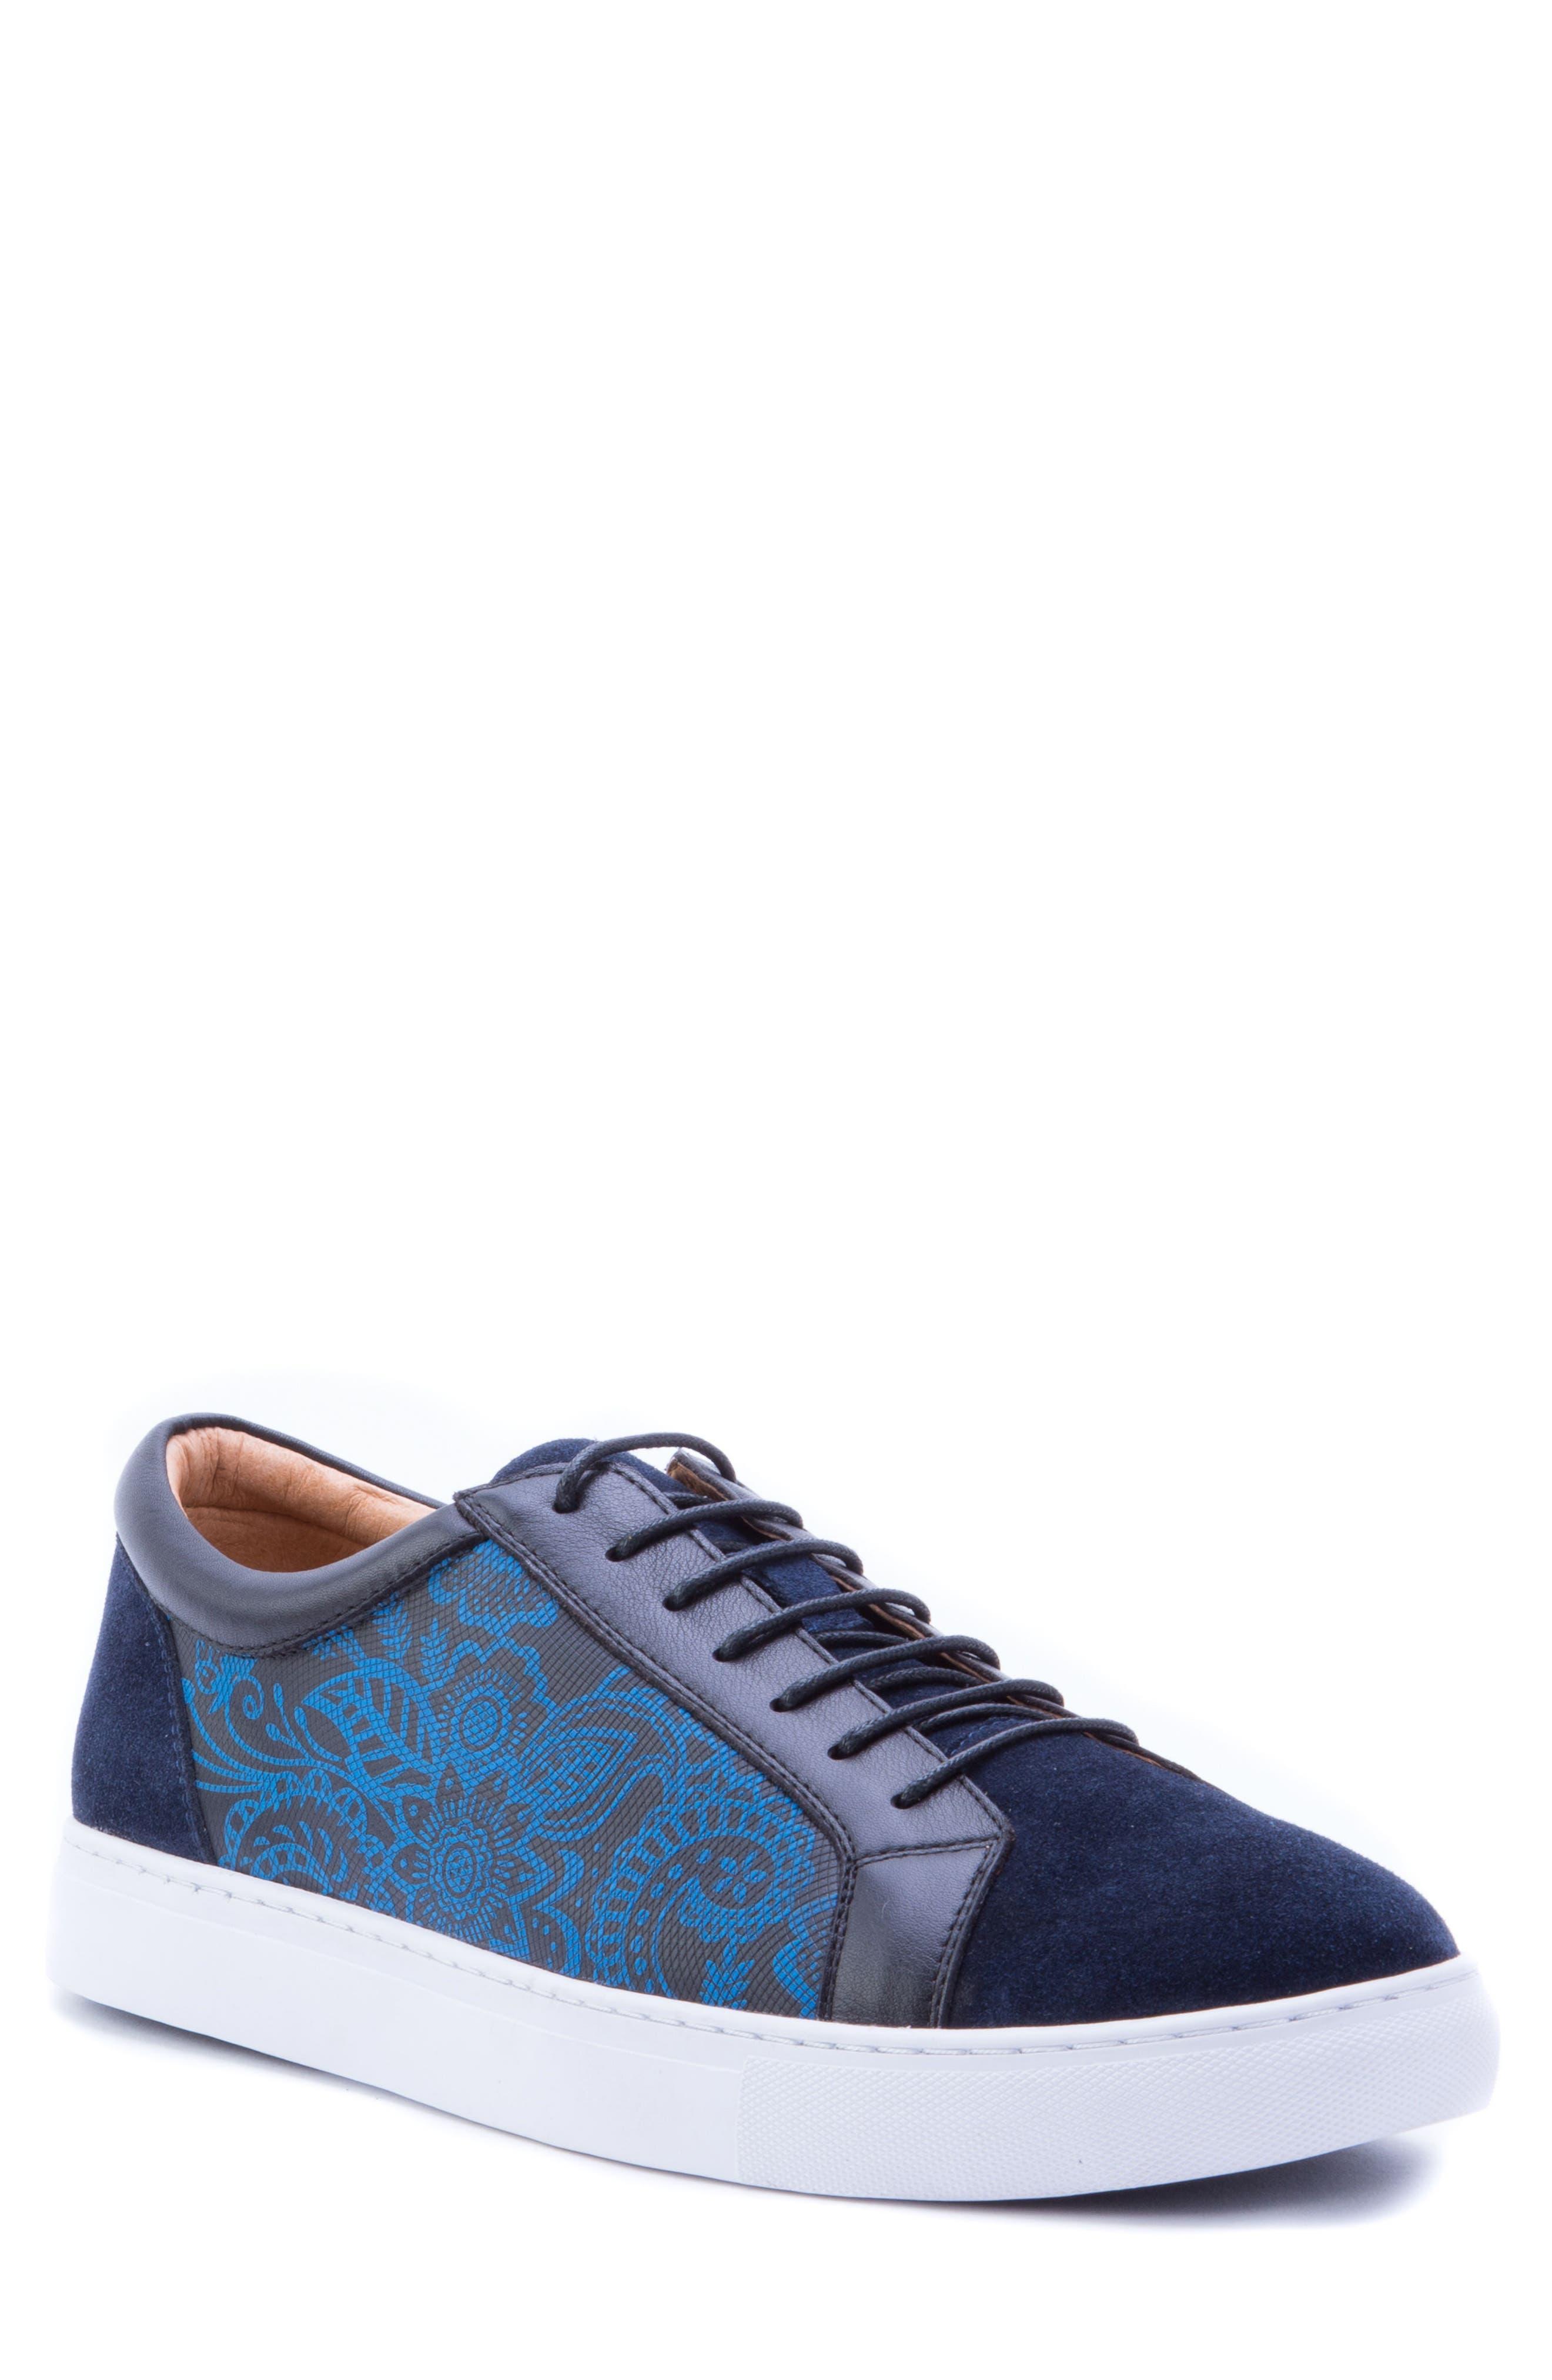 Rubio Floral Sneaker,                         Main,                         color, Navy Suede